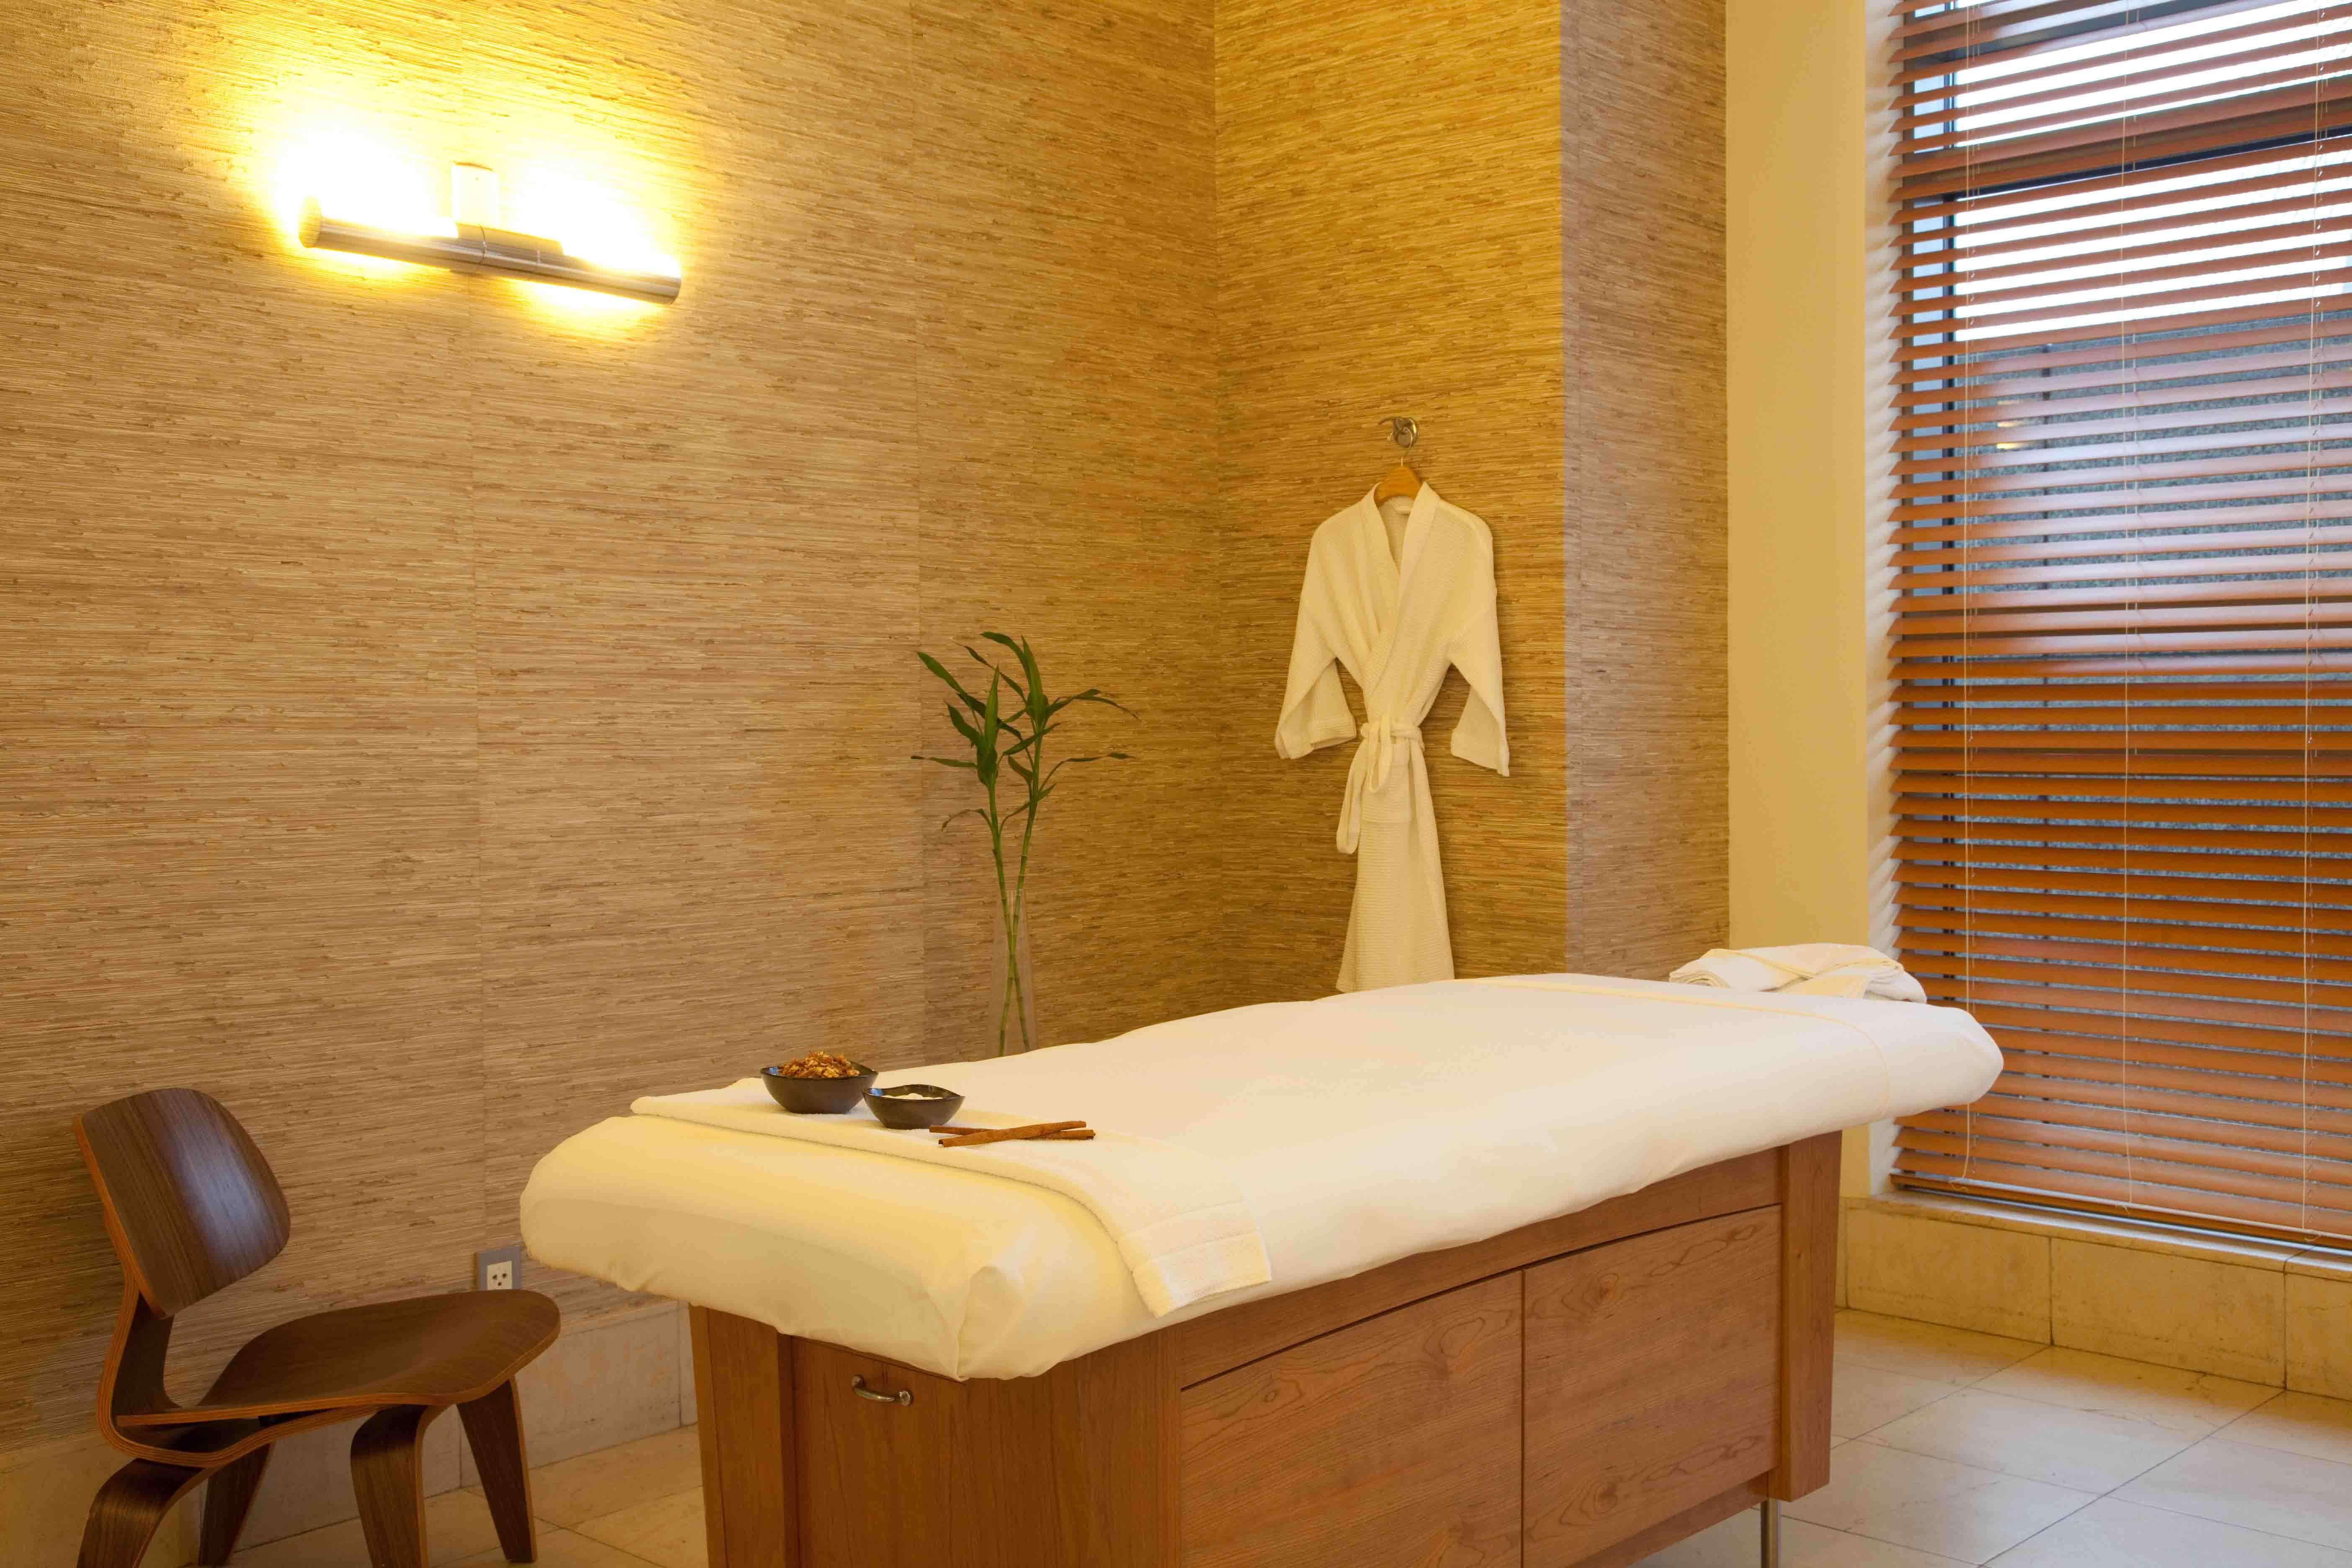 sala de massagem e reflexologia amanary spa